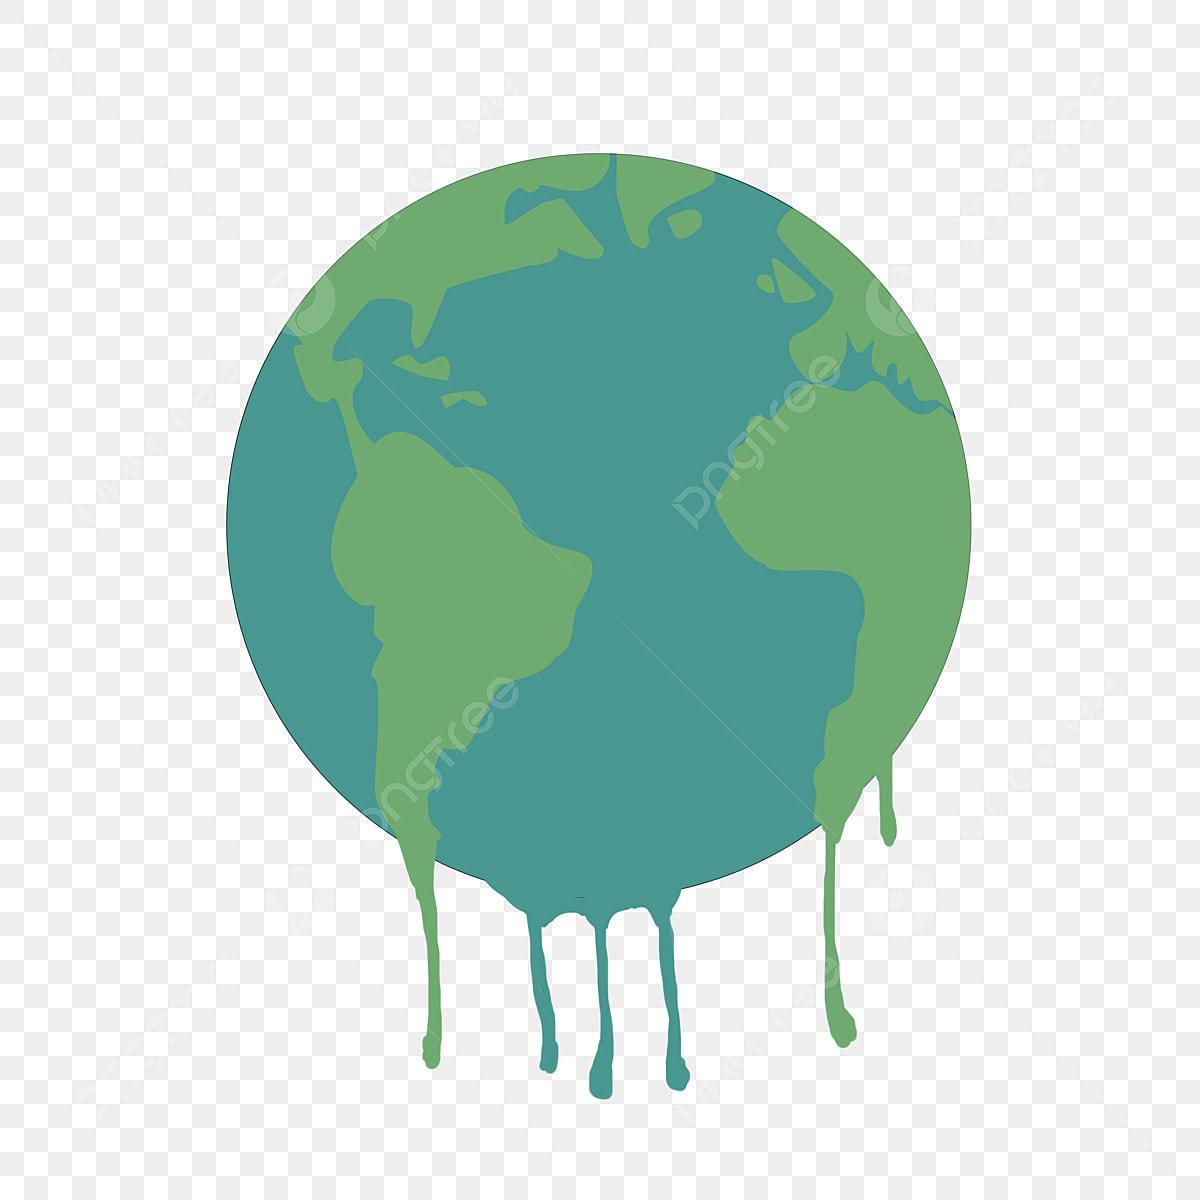 Gambar Hijau Pemanasan Global Kesan Rumah Hijau Gambar Png Bumi Lebur Png Dan Psd Untuk Muat Turun Percuma